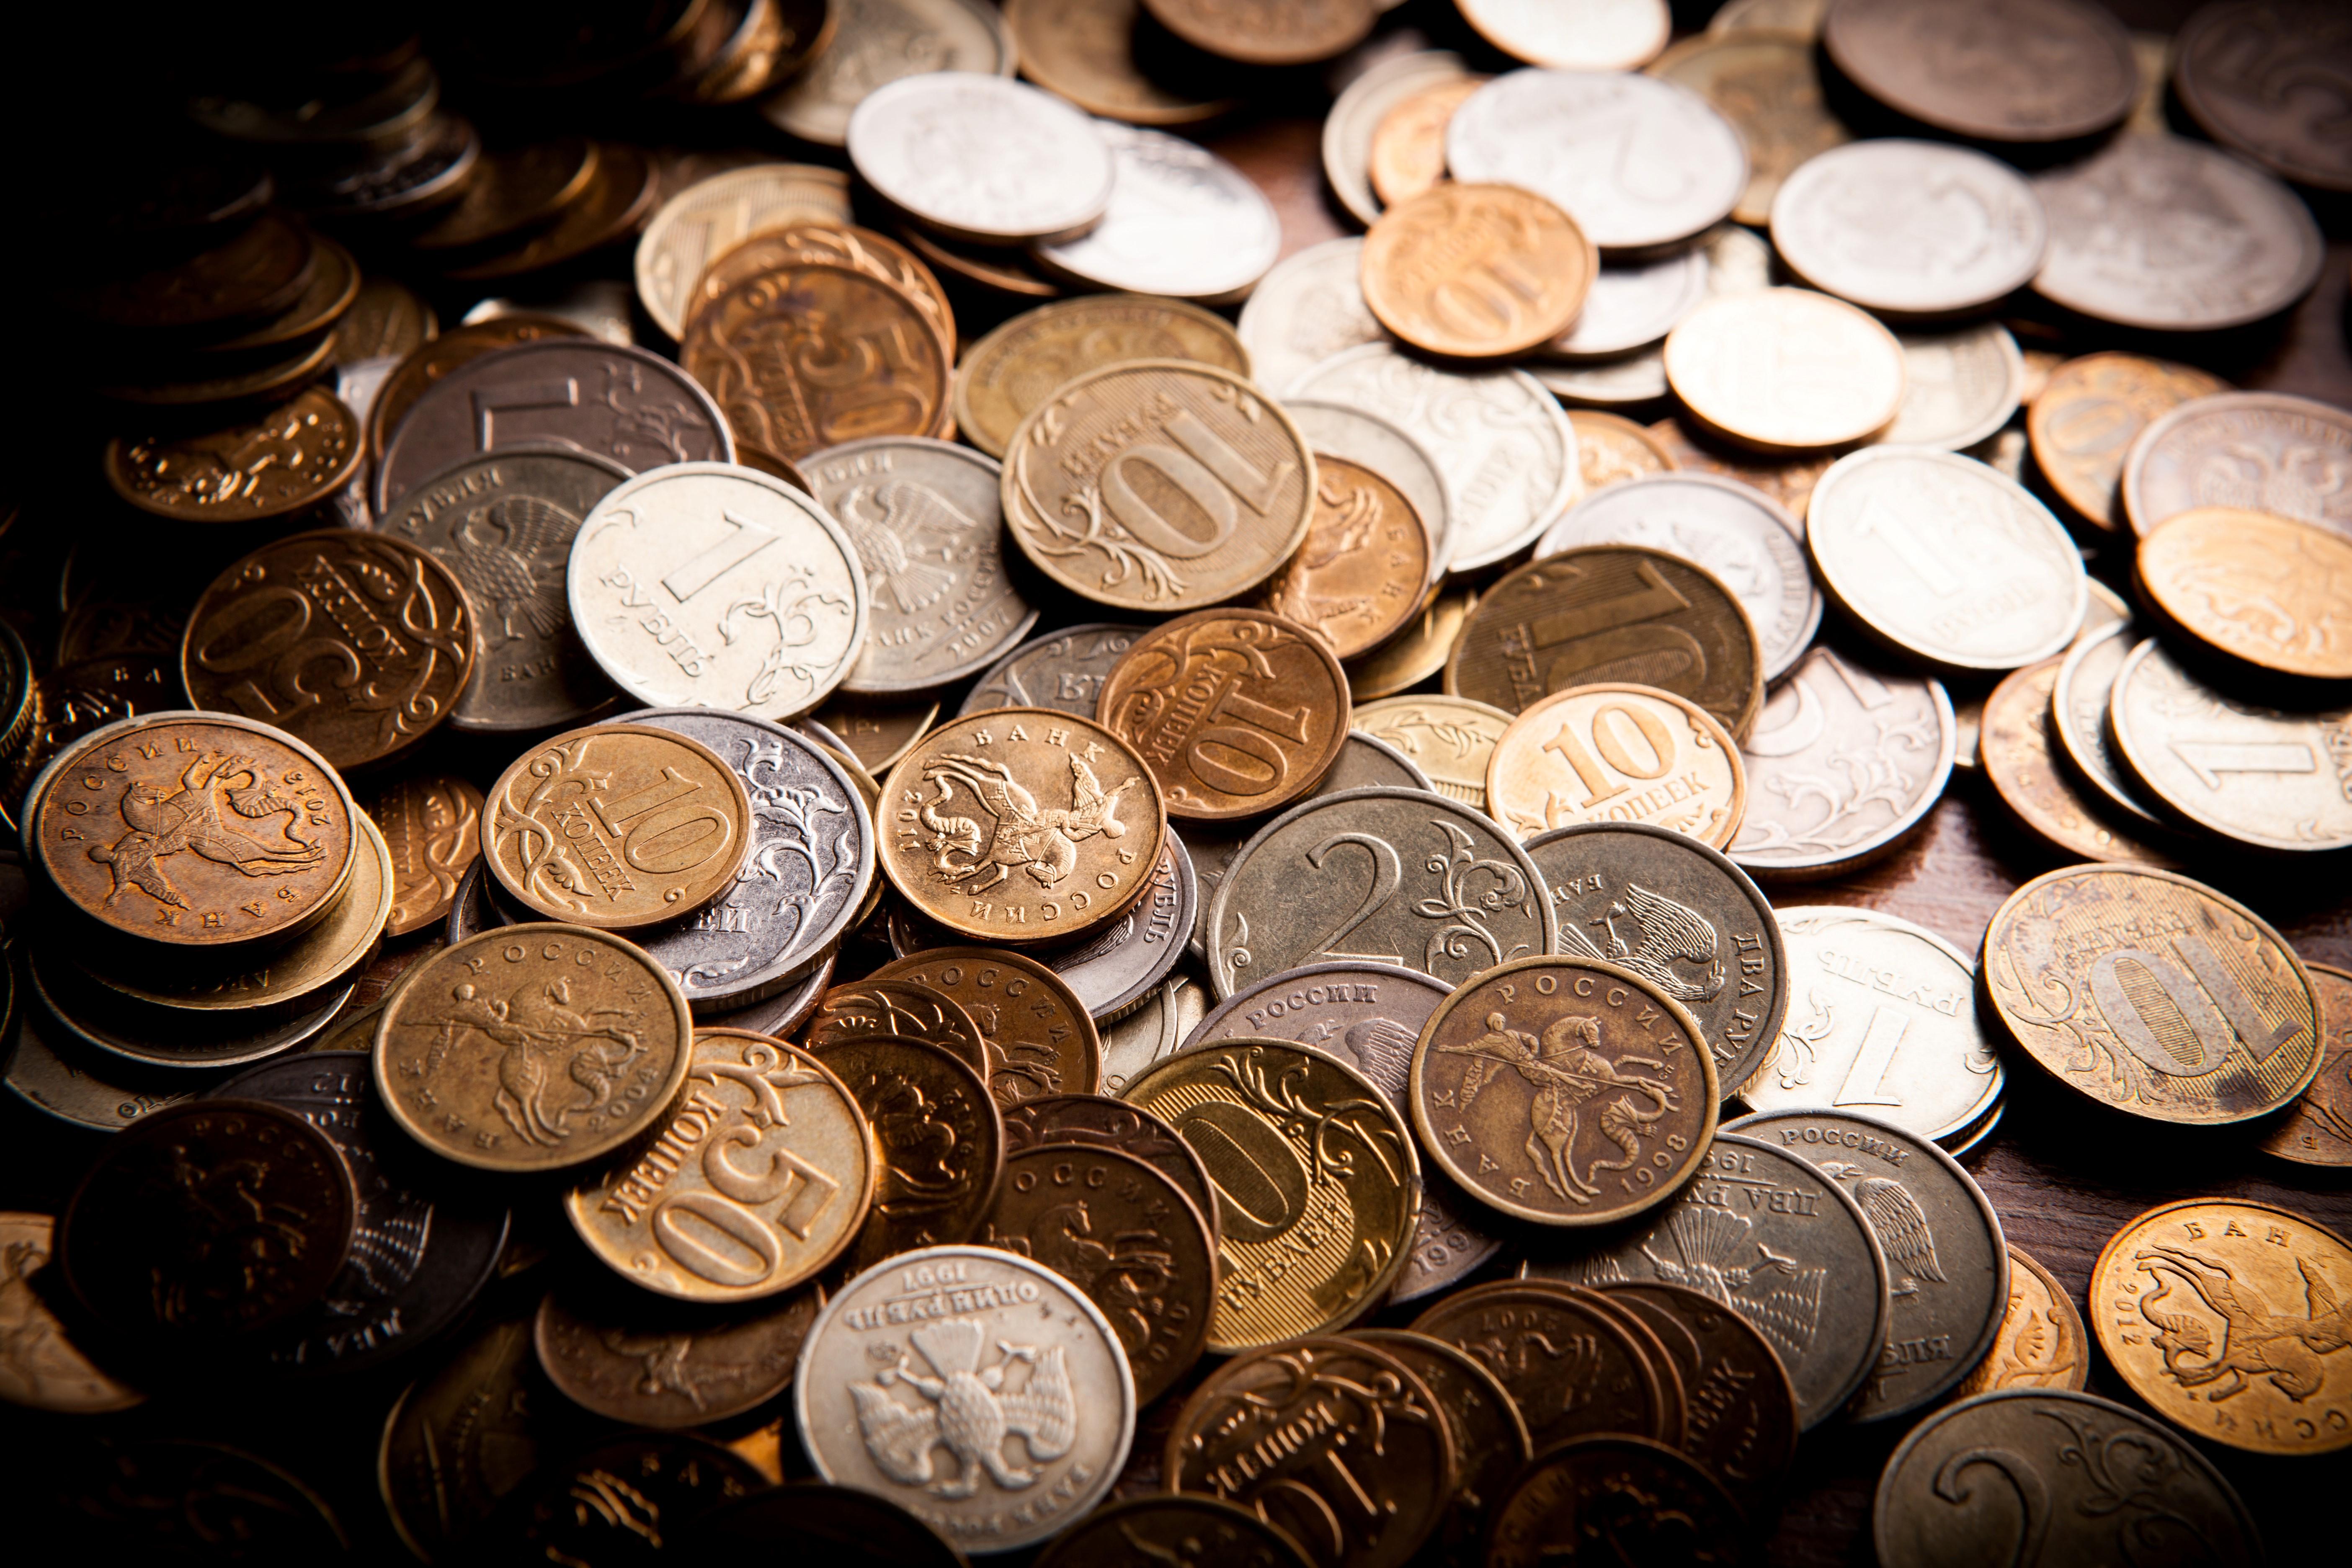 Самая редкая монета в кошельках россиян - 5 копеек